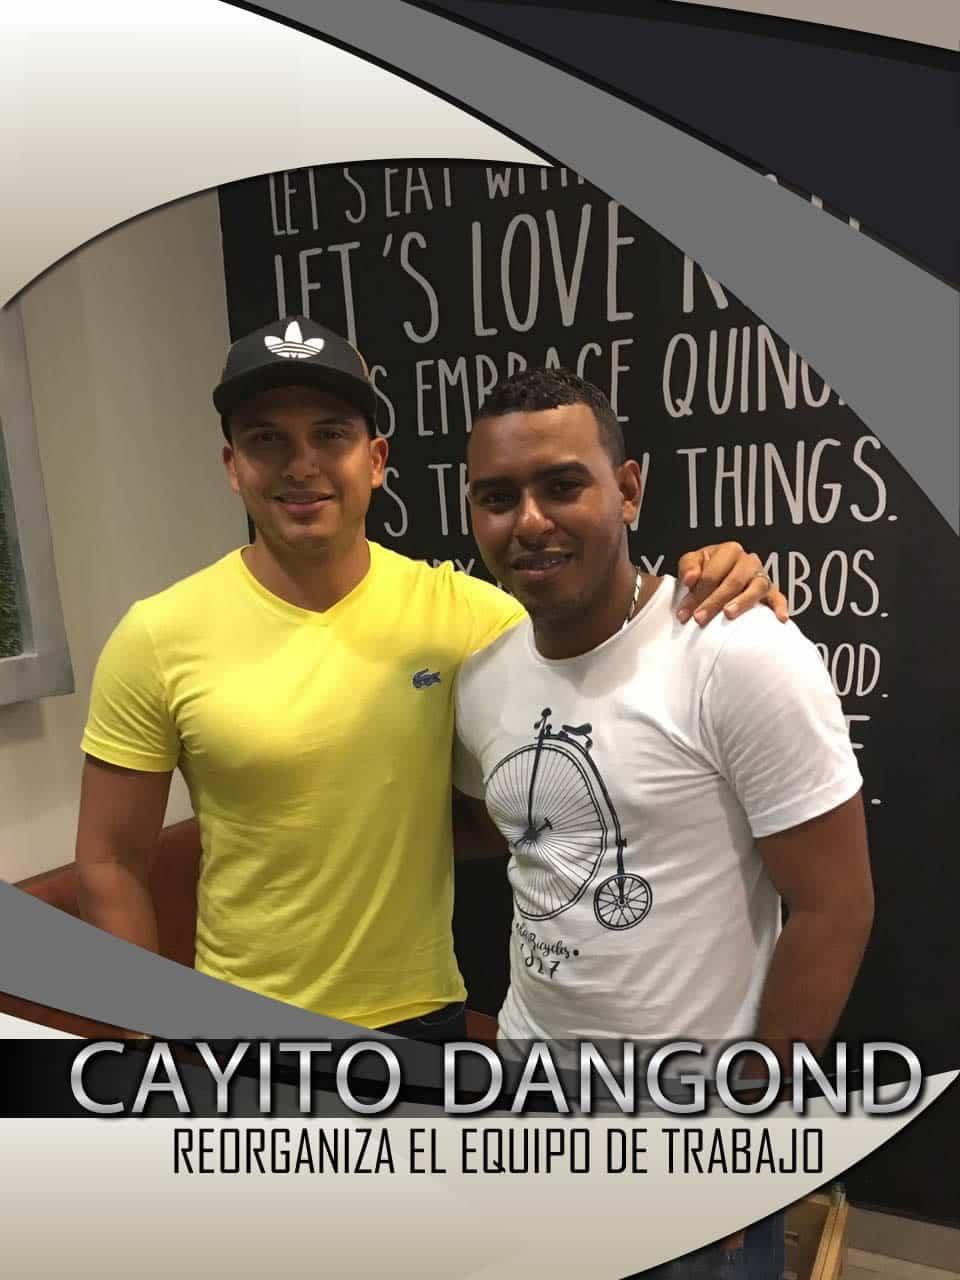 CAYITO DANGOND REORGANIZA EL EQUIPO DE TRABAJO